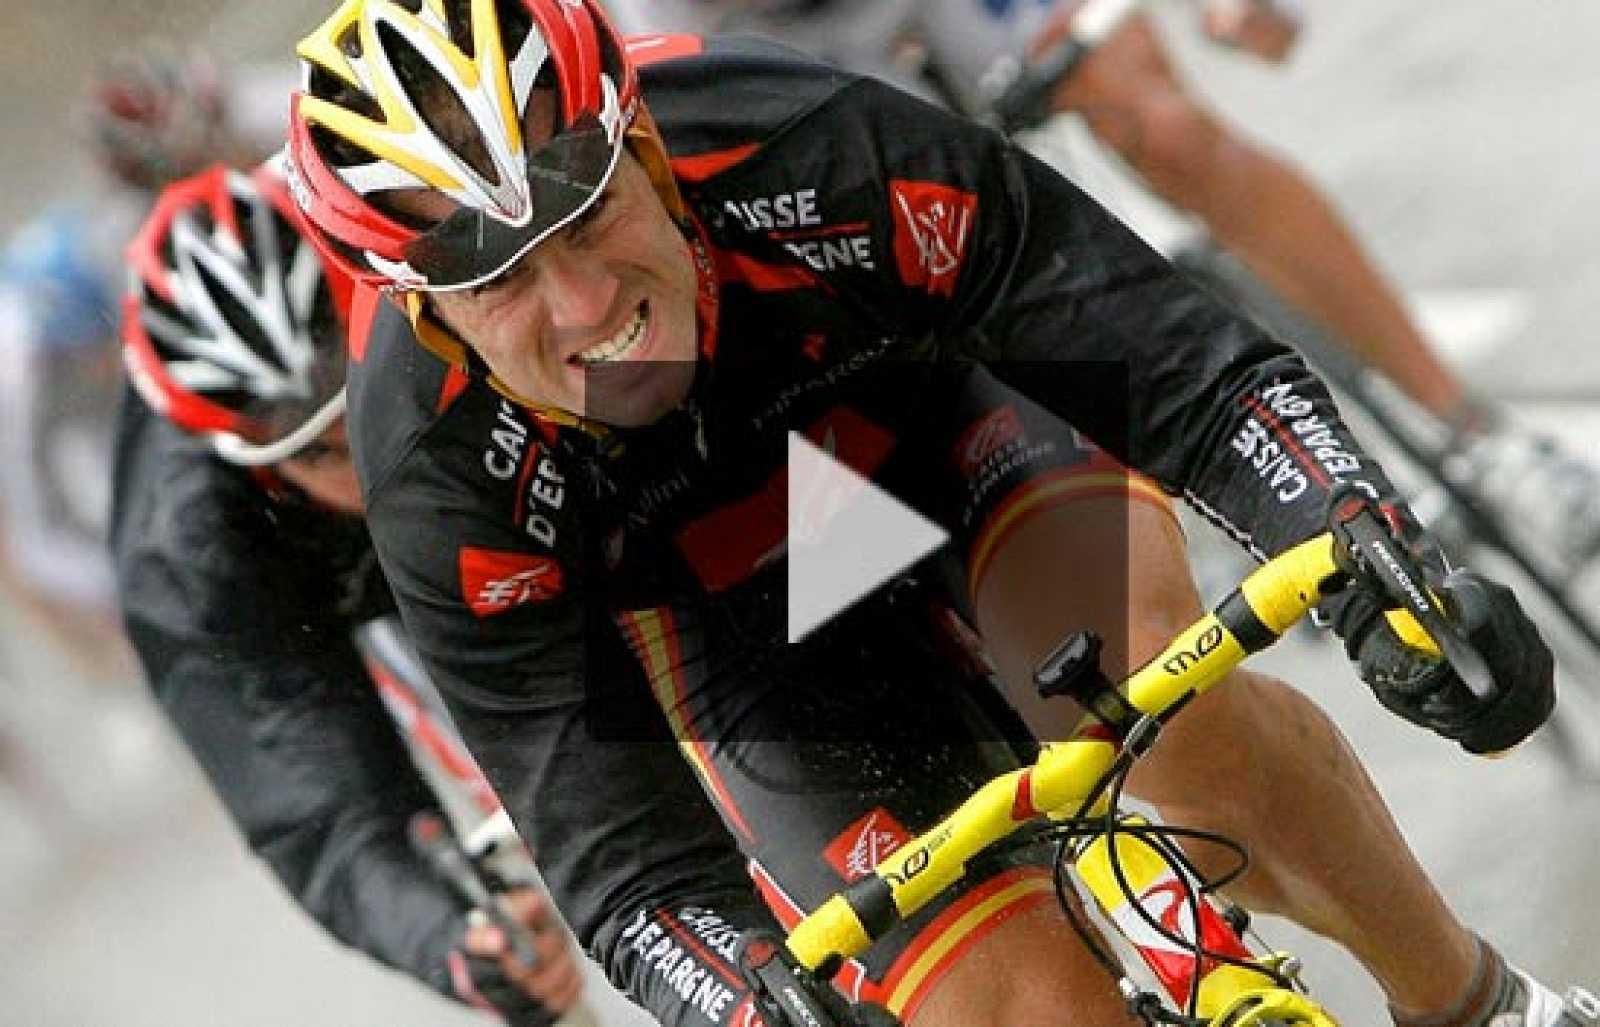 Paolo Bettini se ha impuesto en la duodécima etapa de la Vuelta a España, con llegada en Suances, en la que Alejandro Valverde ha perdido casi todas sus pociones de competir por el liderato. El murciano se ha quedado en un corte y ha perdido tres mi